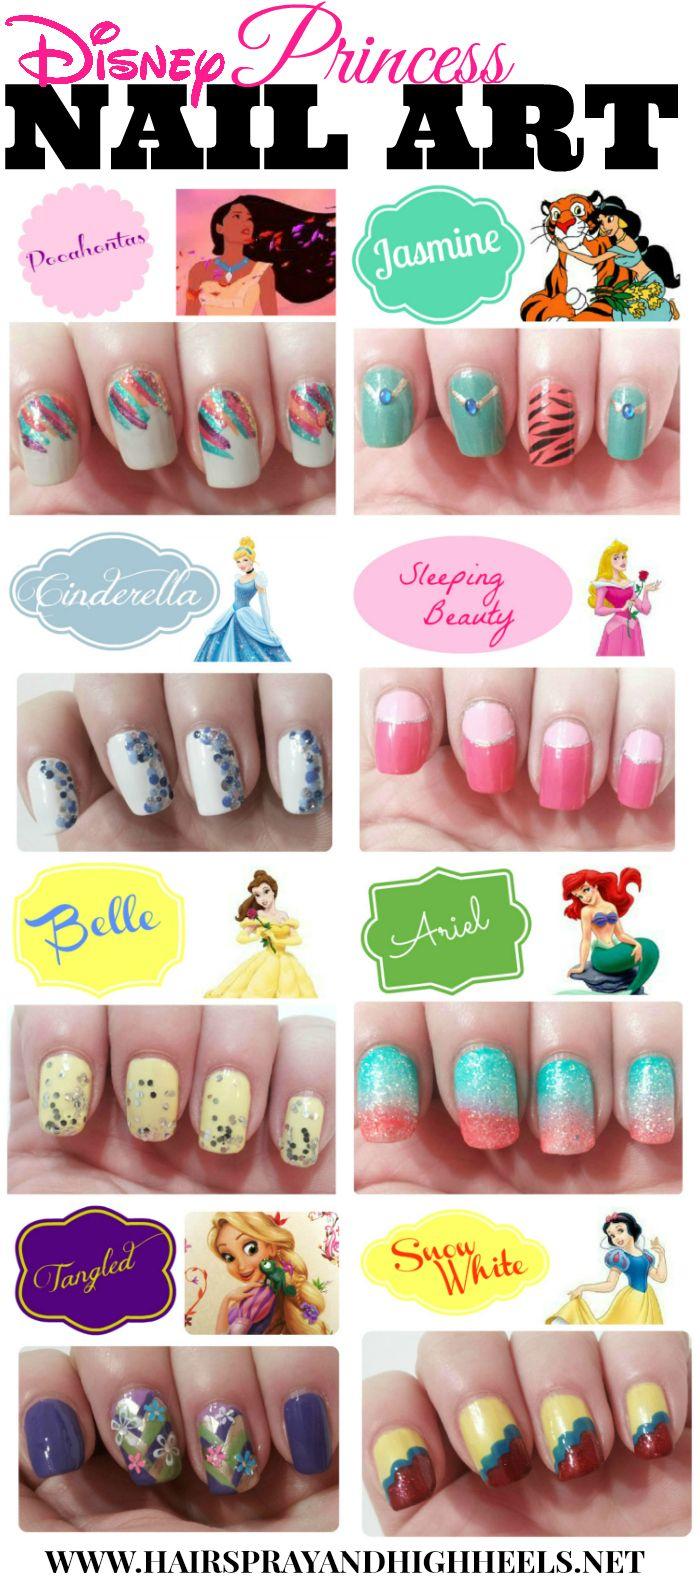 Disney Princess Inspired Nails - Disney nagels, Nagel en Disney